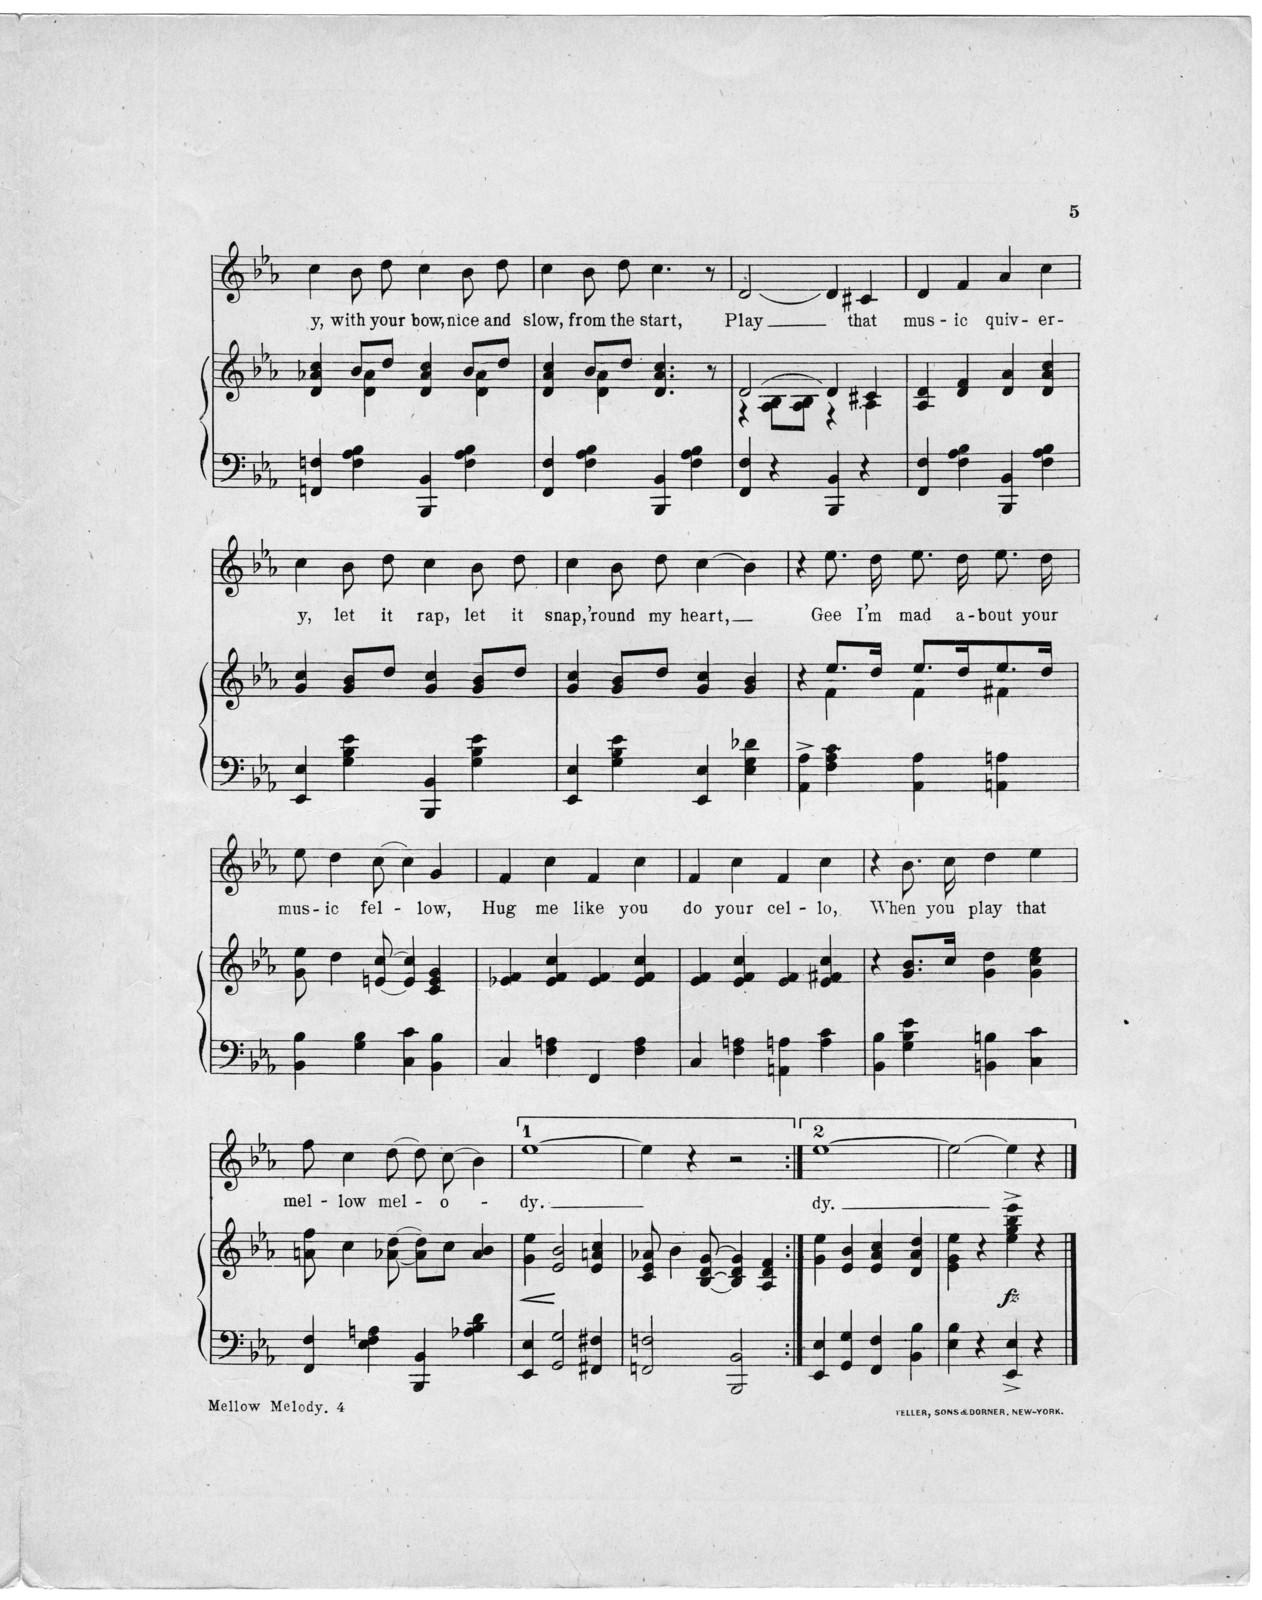 That mellow melody